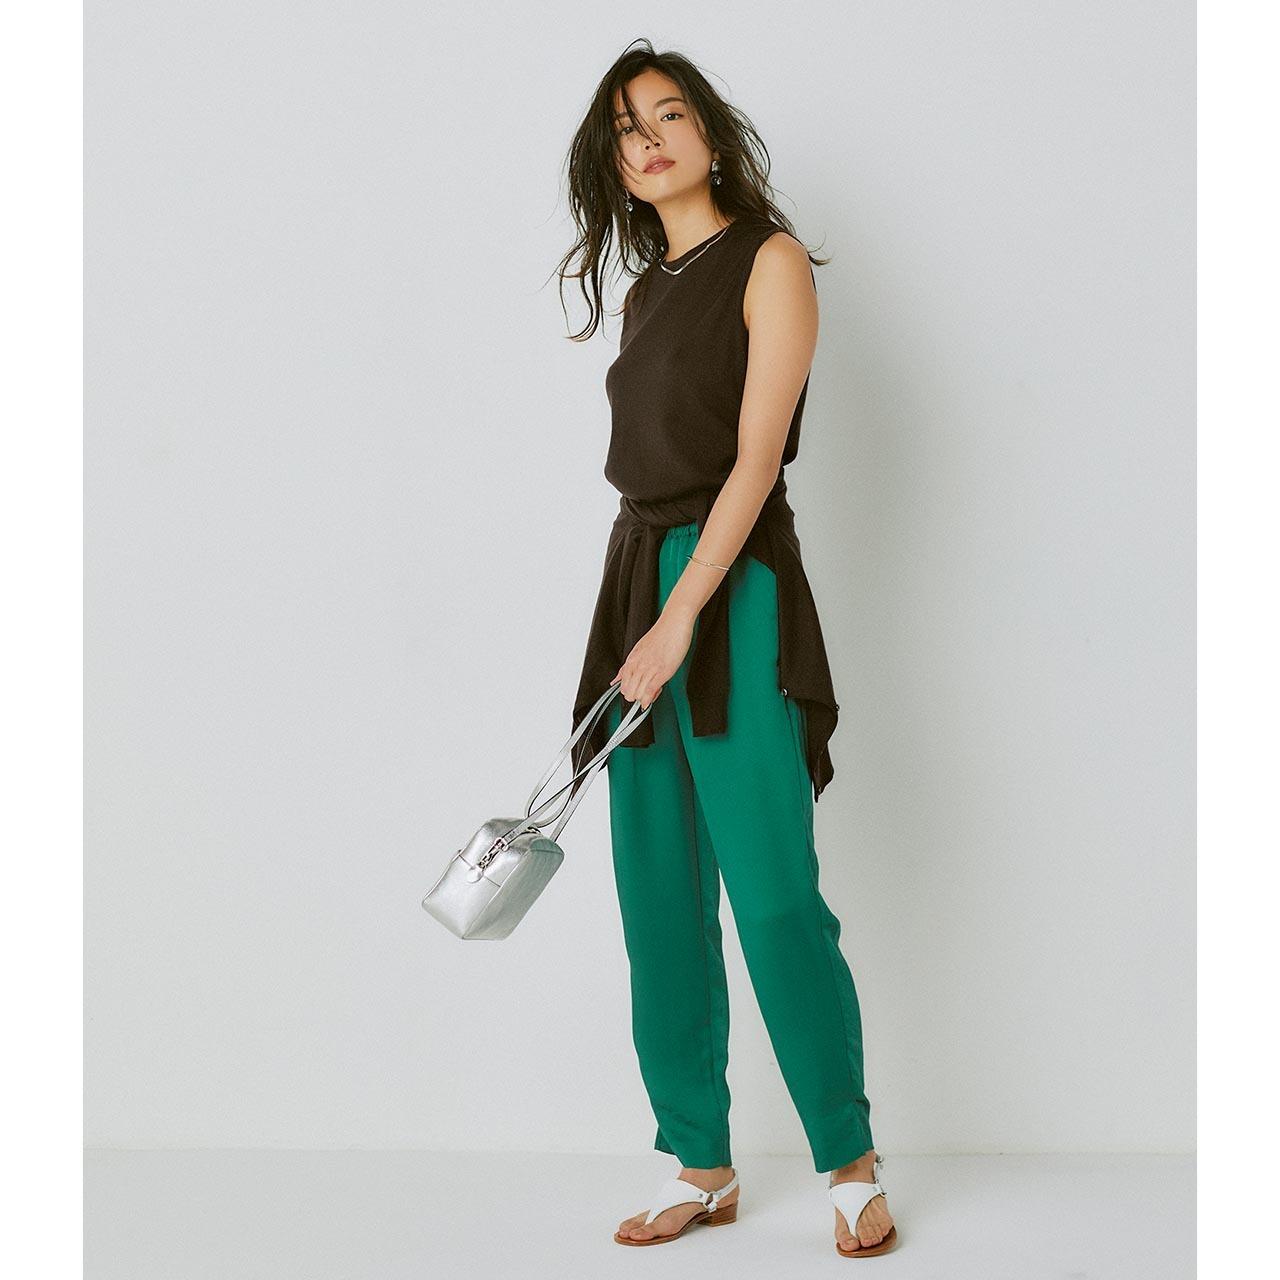 ブラウンツインニット×グリーンのパンツコーデを着たモデルの矢野未希子さん